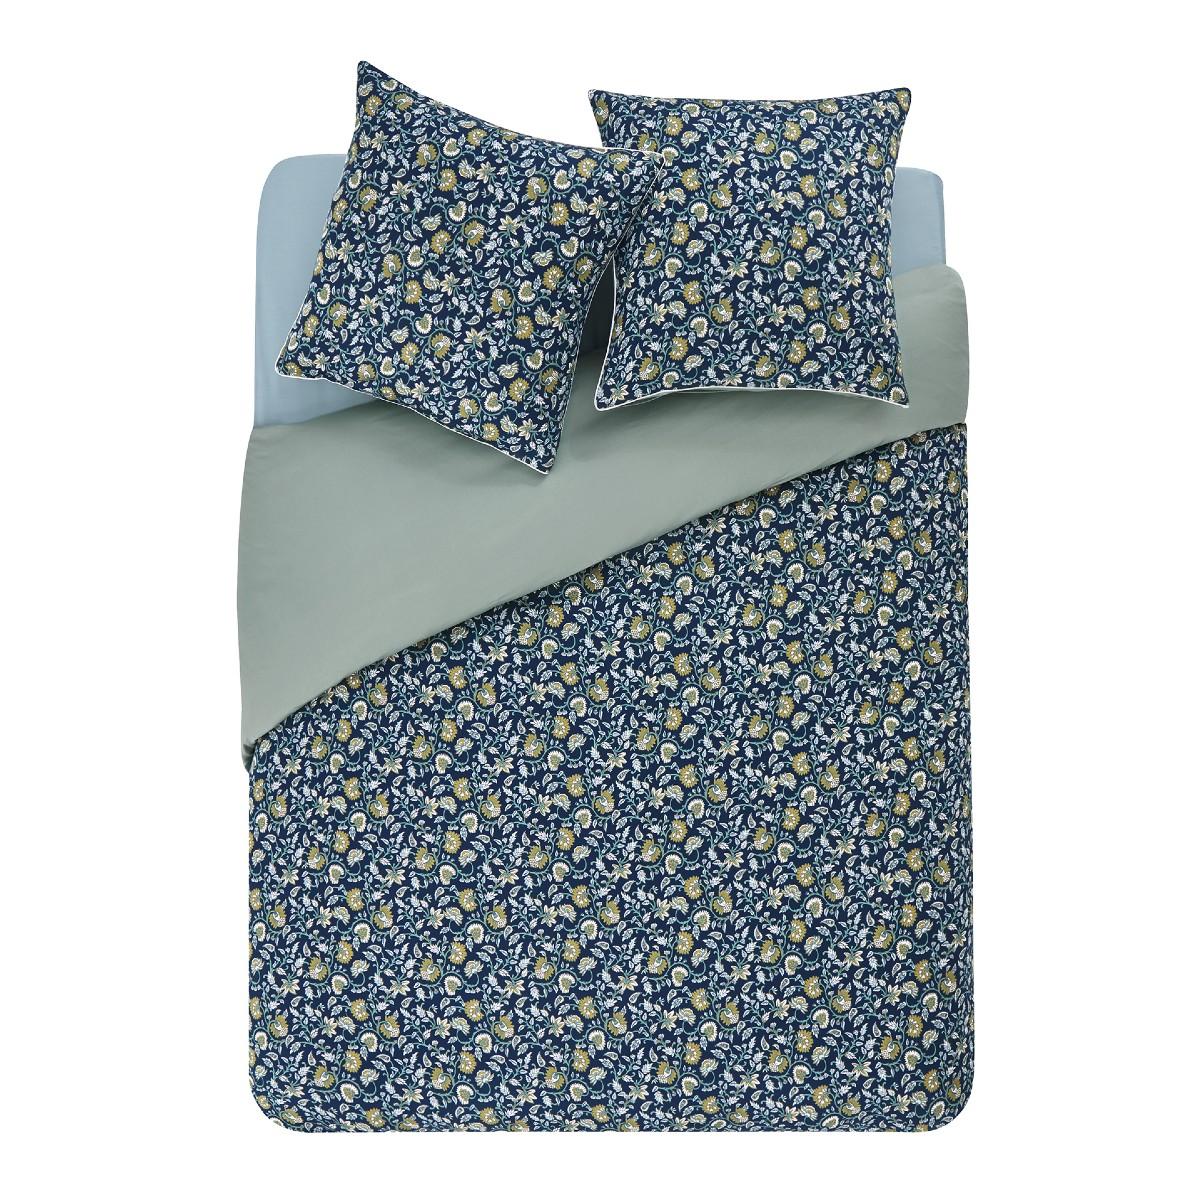 Taie d'oreiller bicolore en coton 65x65